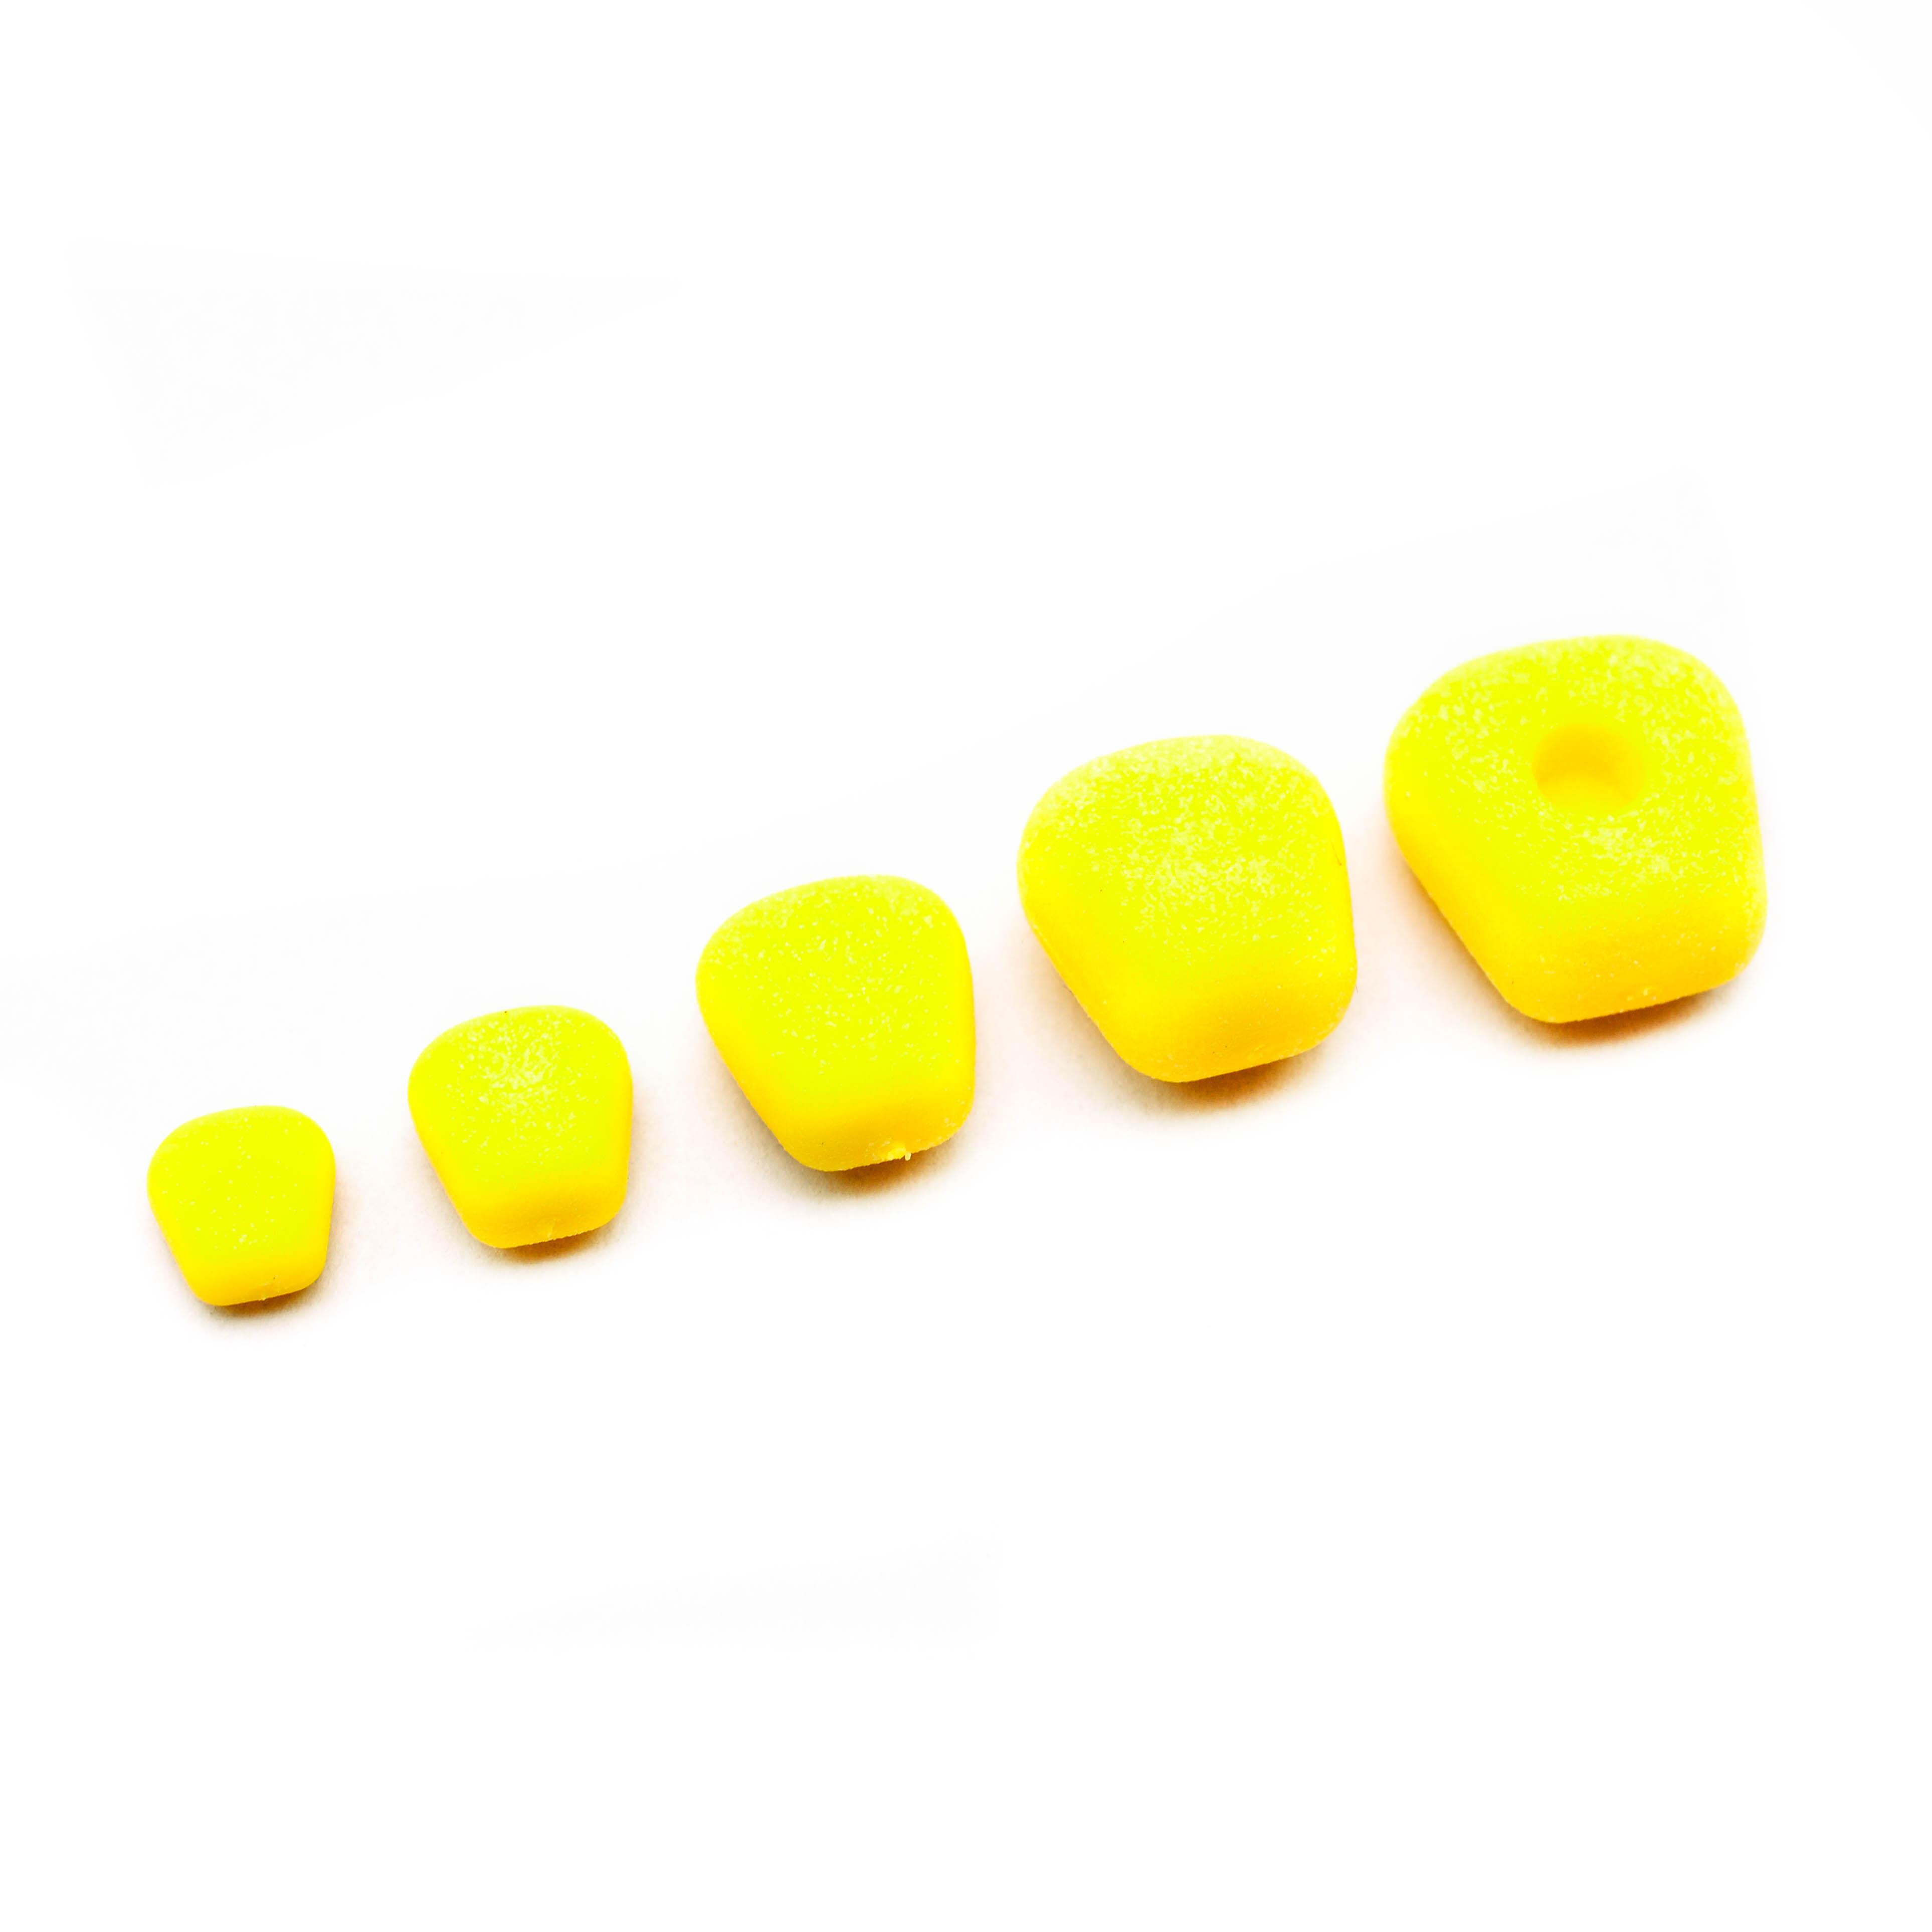 Enterprise kukuřice - MEGA plovoucí žlutá 5ks